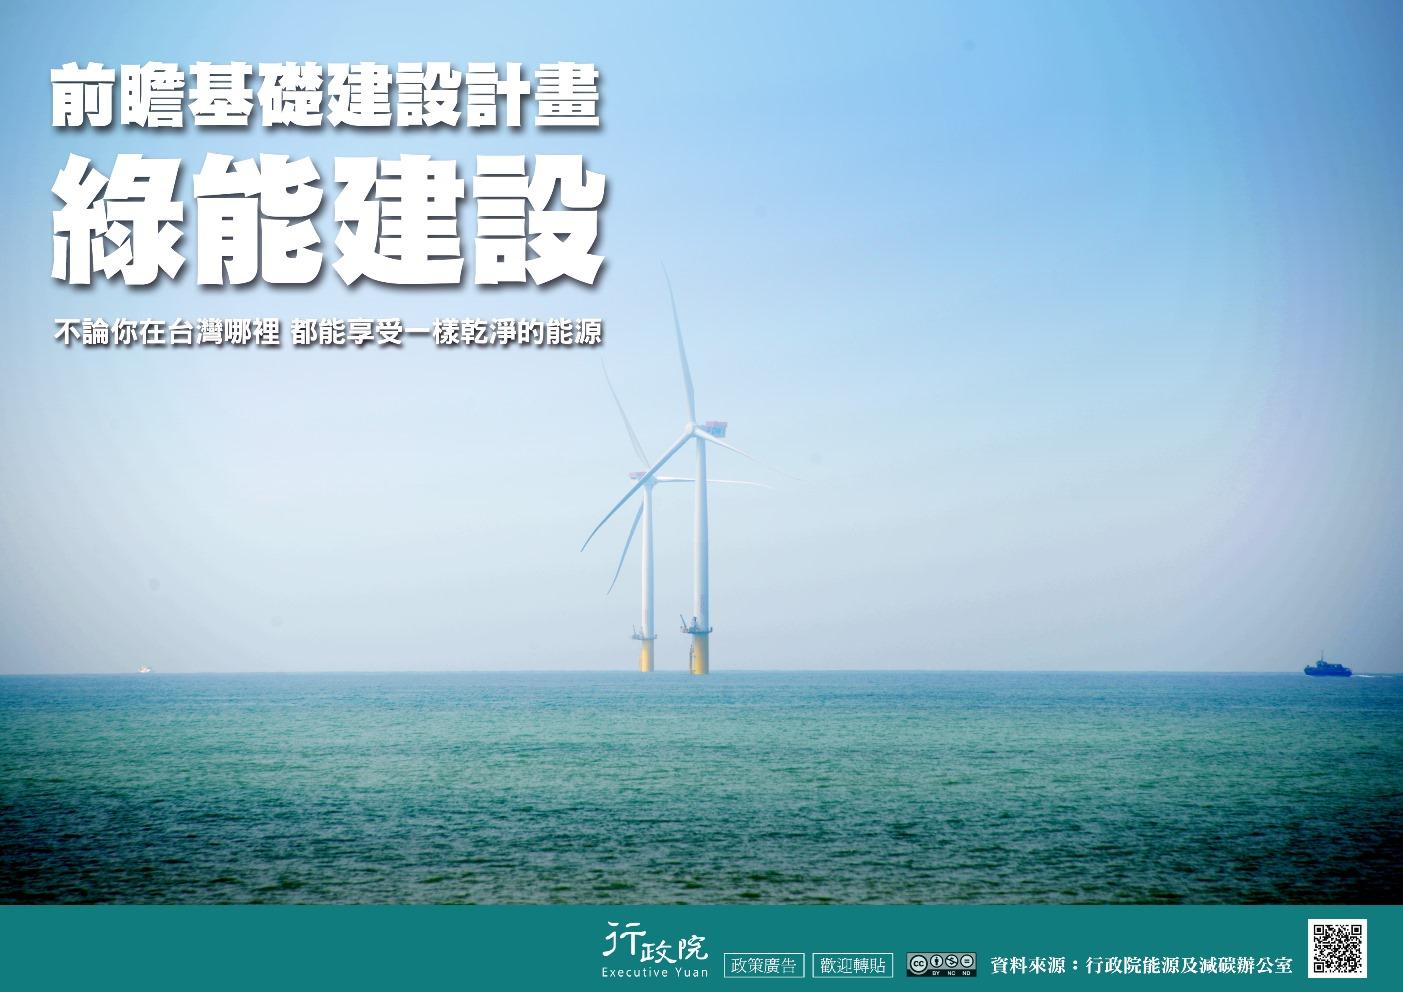 圖:前瞻綠能建設